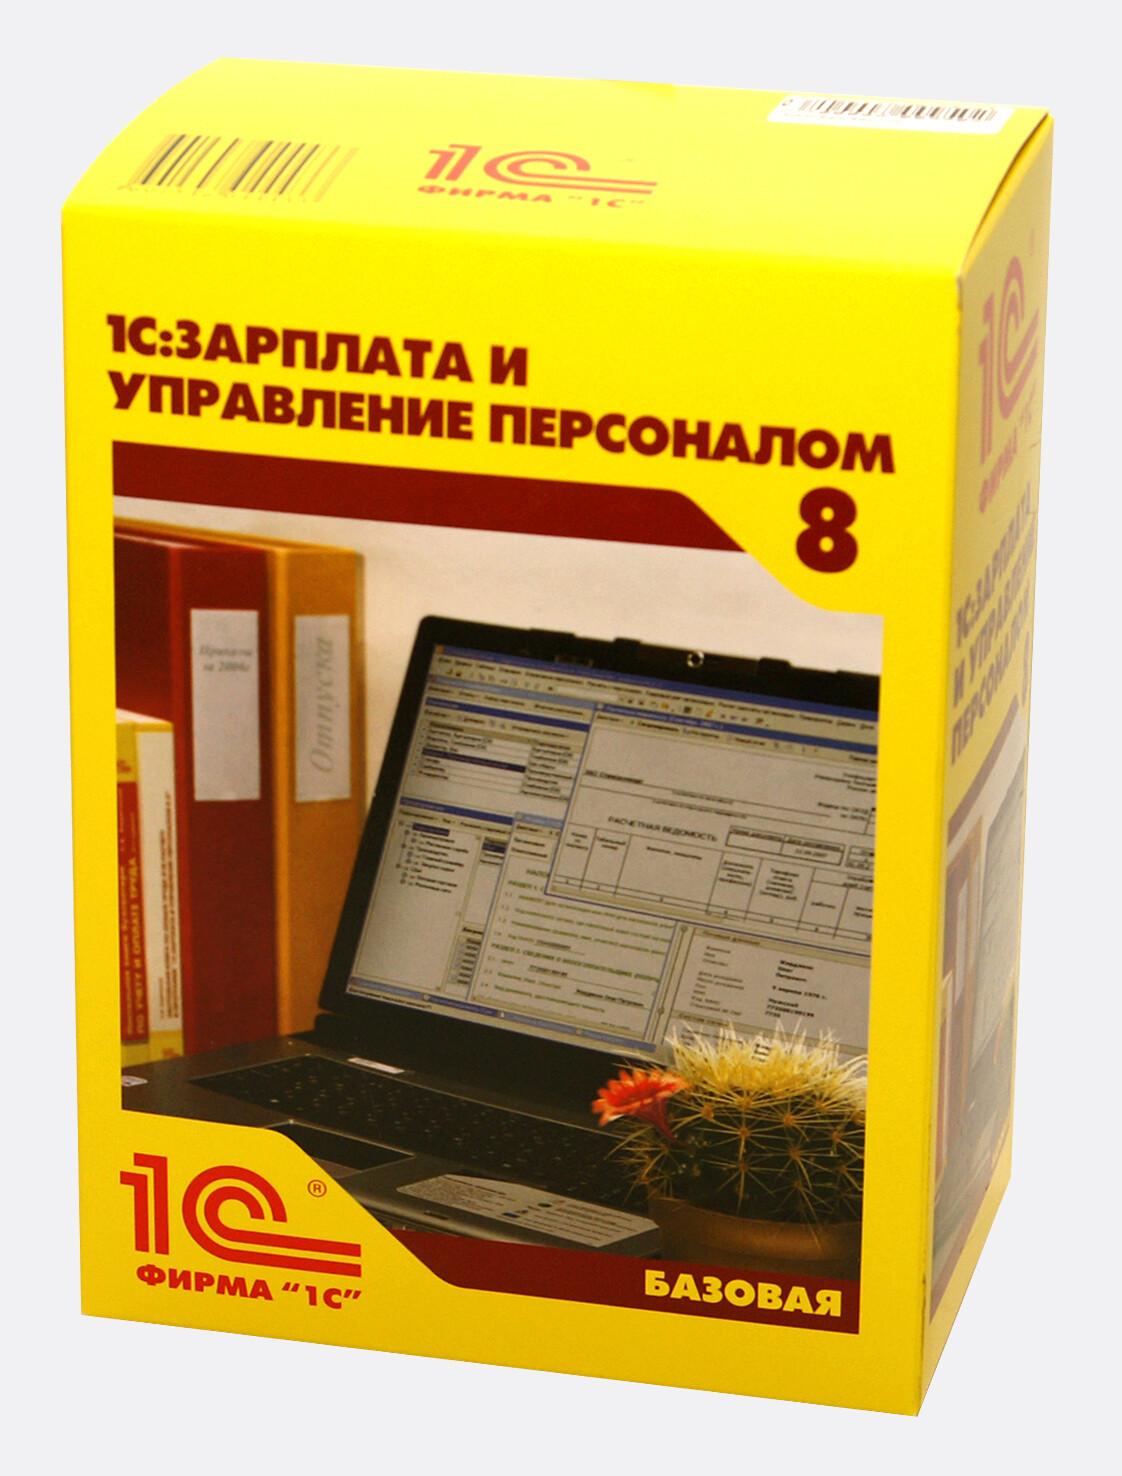 1С:Зарплата и Управление Персоналом 8. Базовая